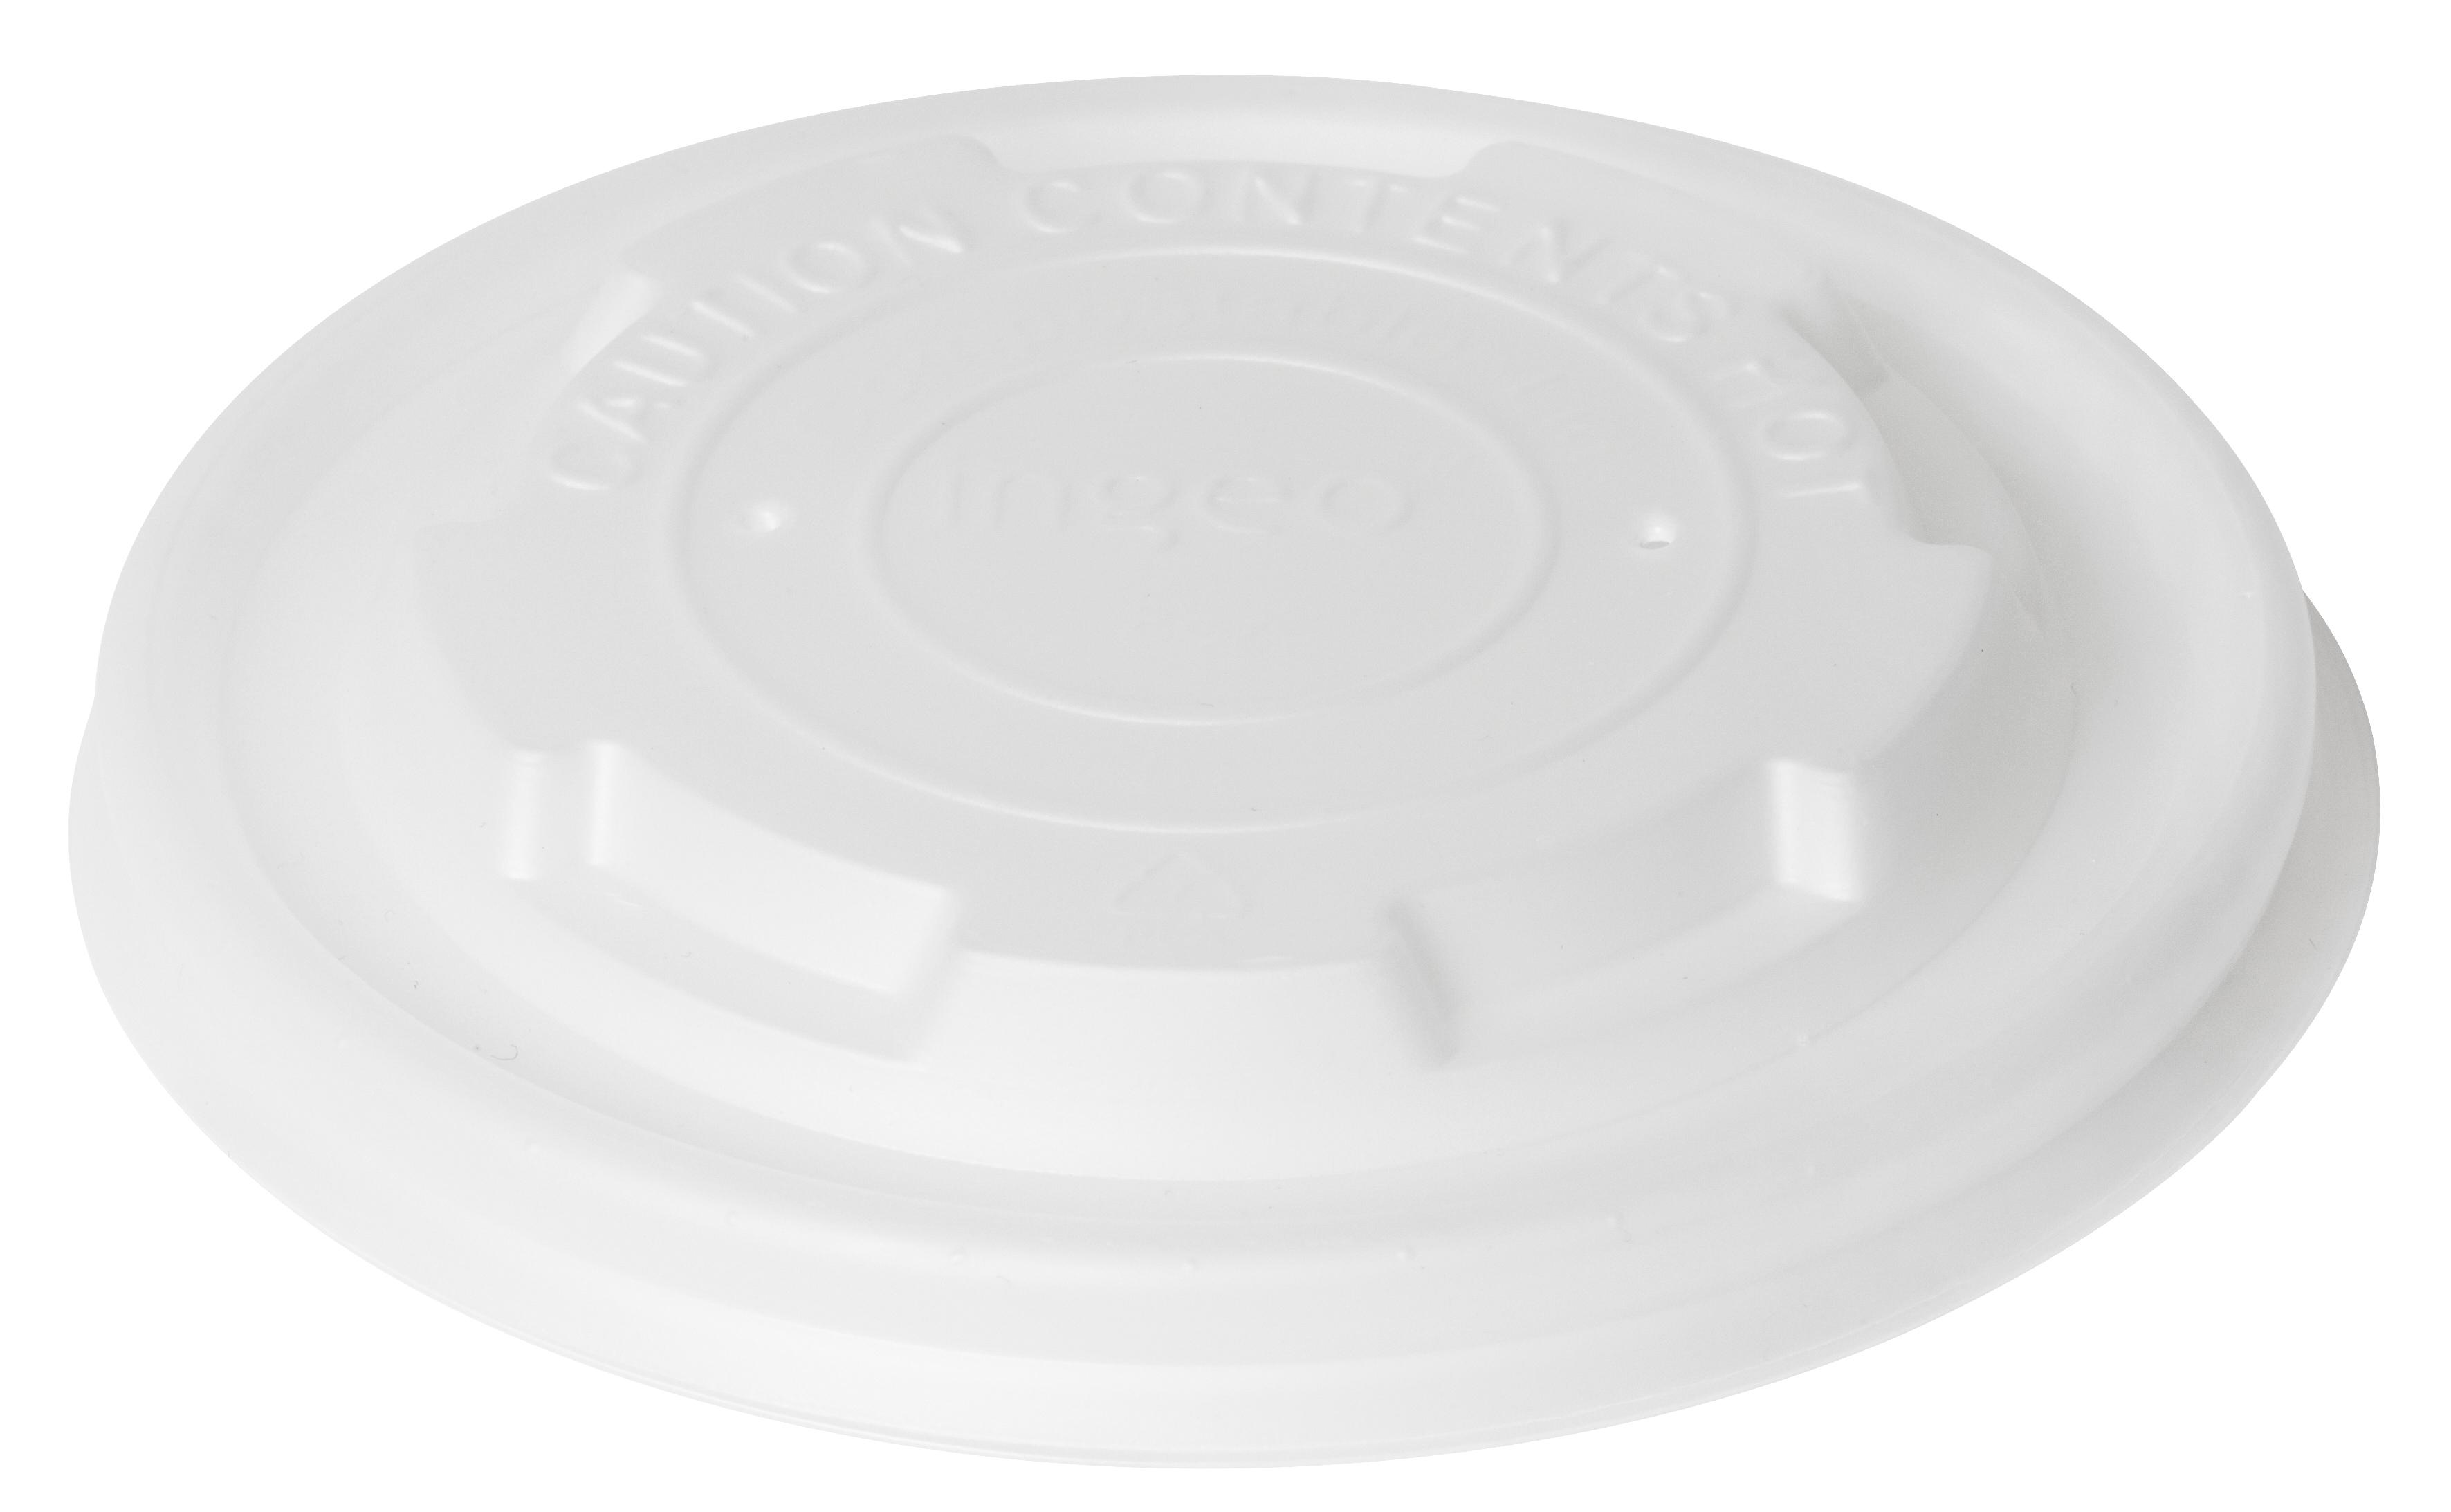 Coperchio in CPLA per contenitori uso caldo da 250ml (800 pezzi)